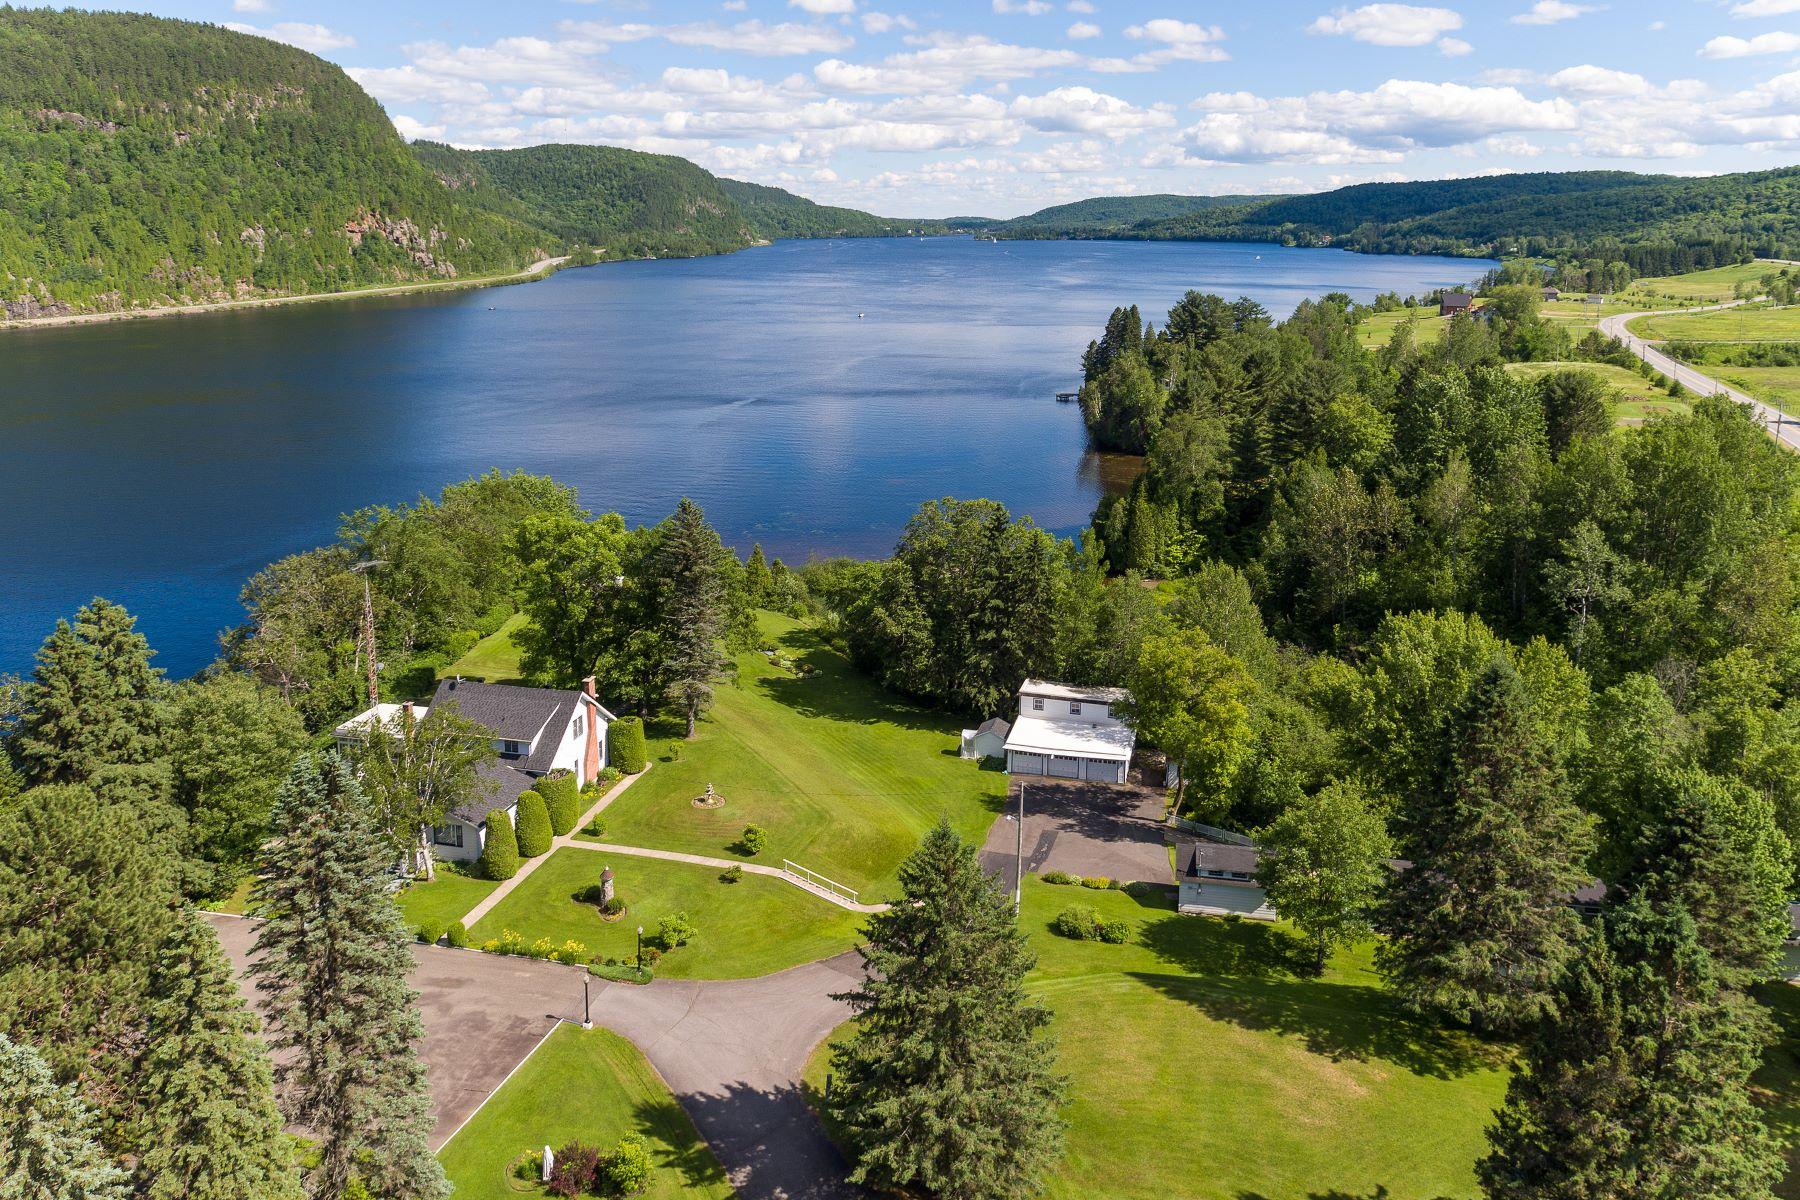 Частный односемейный дом для того Продажа на Shawinigan, Mauricie 2760 Ch. de St-Jean-des-Piles Shawinigan, Квебек, G0X2V0 Канада